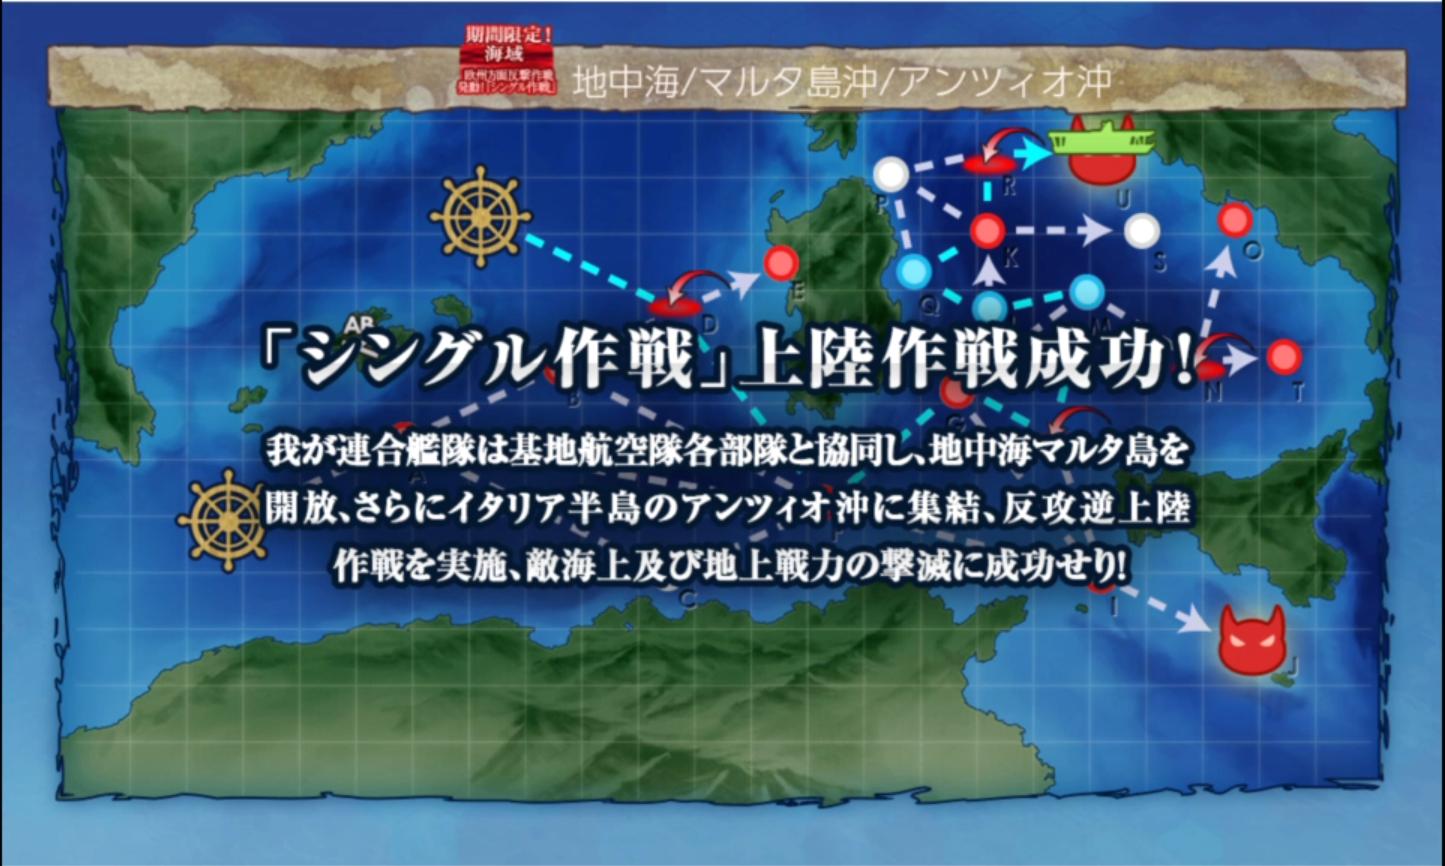 【本家】2019夏イベ 戦果報告